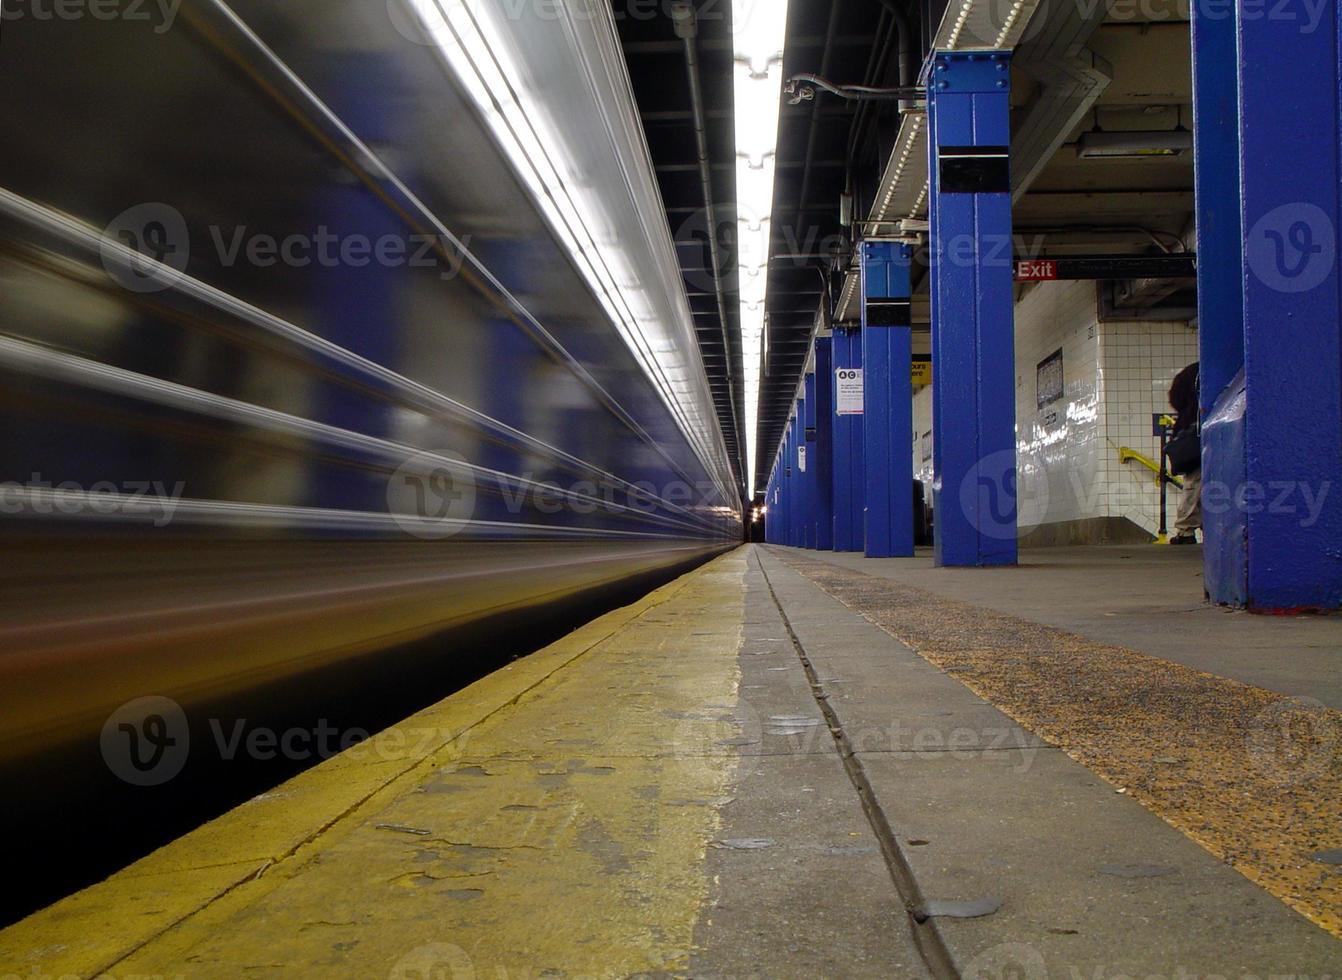 New York City Subway photo